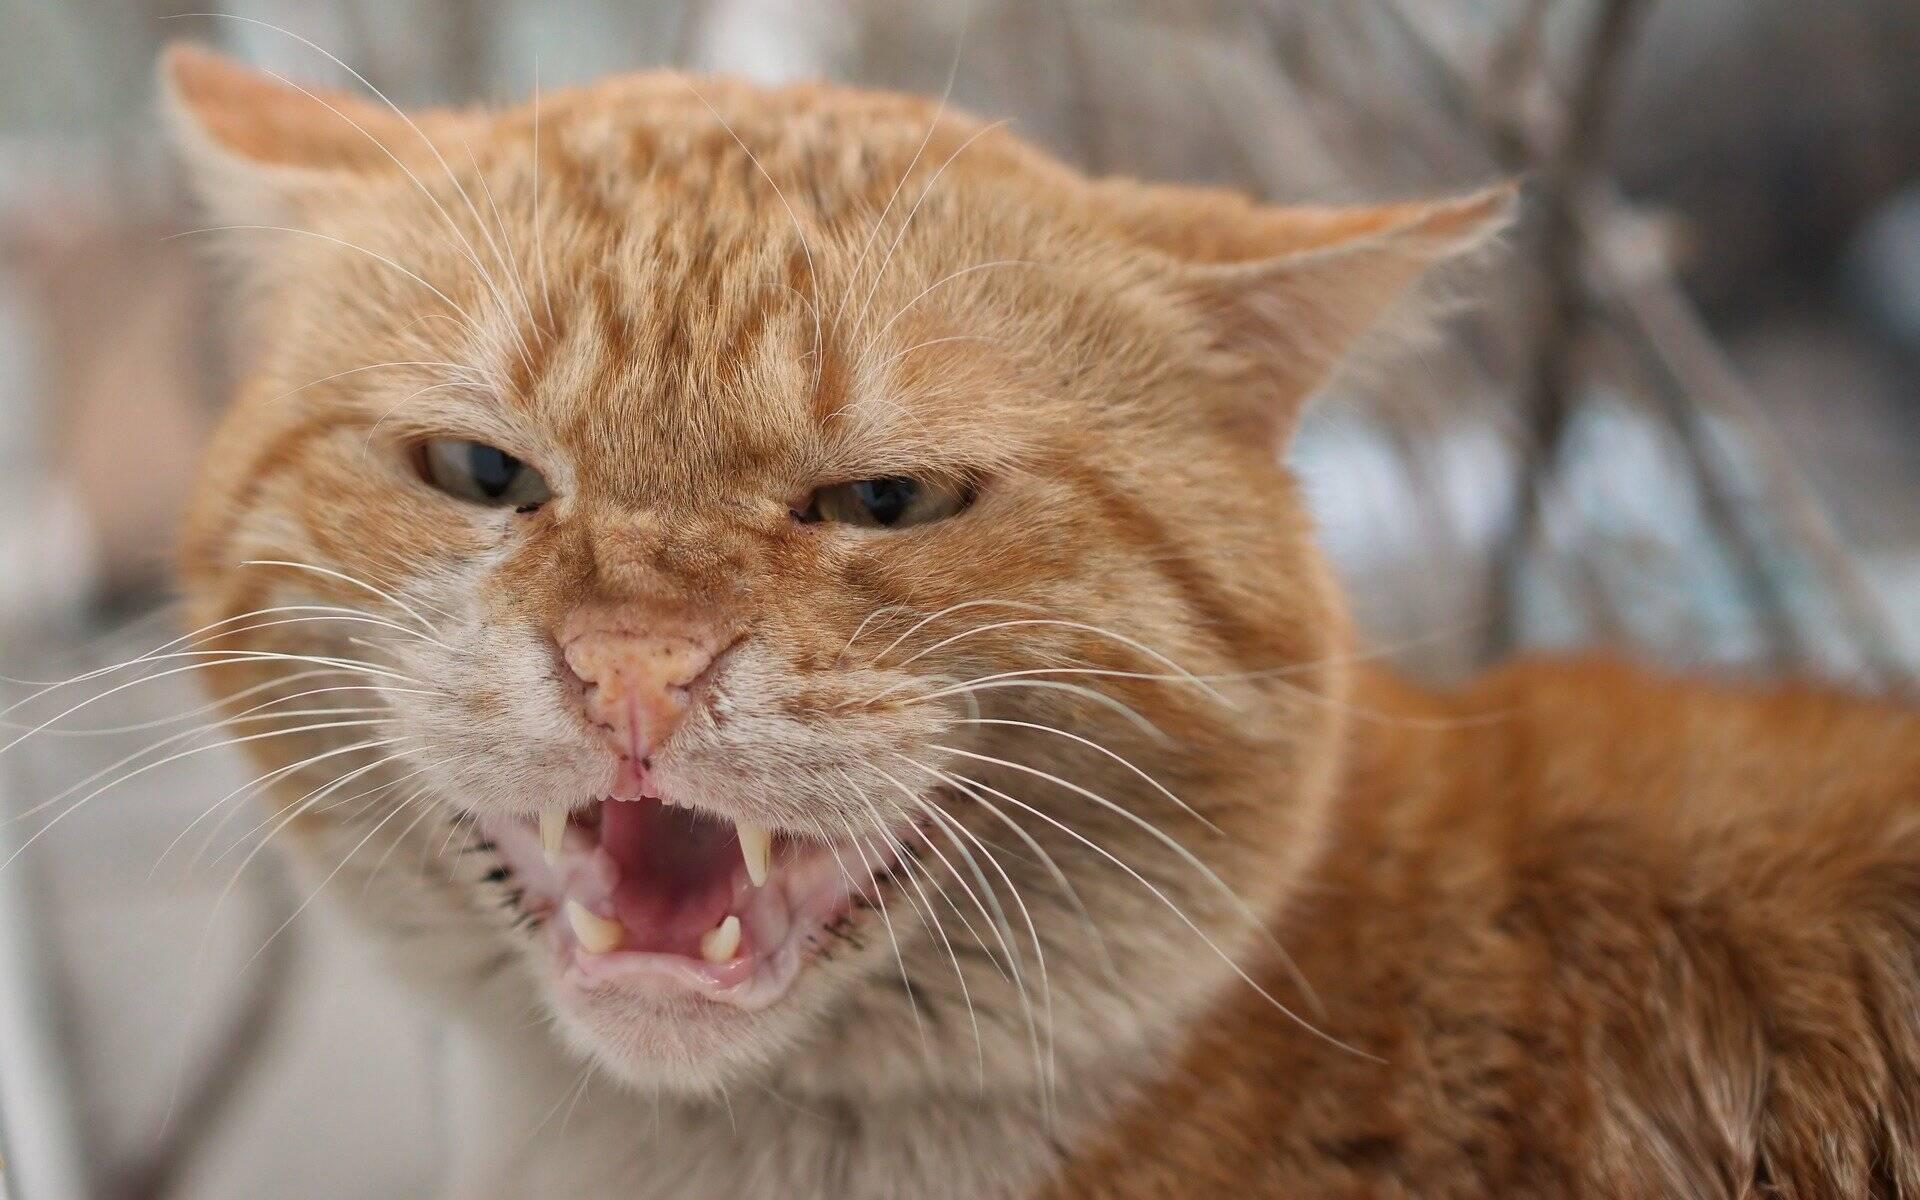 Mudanças na rotina podem deixar seu gato estressado e até doente